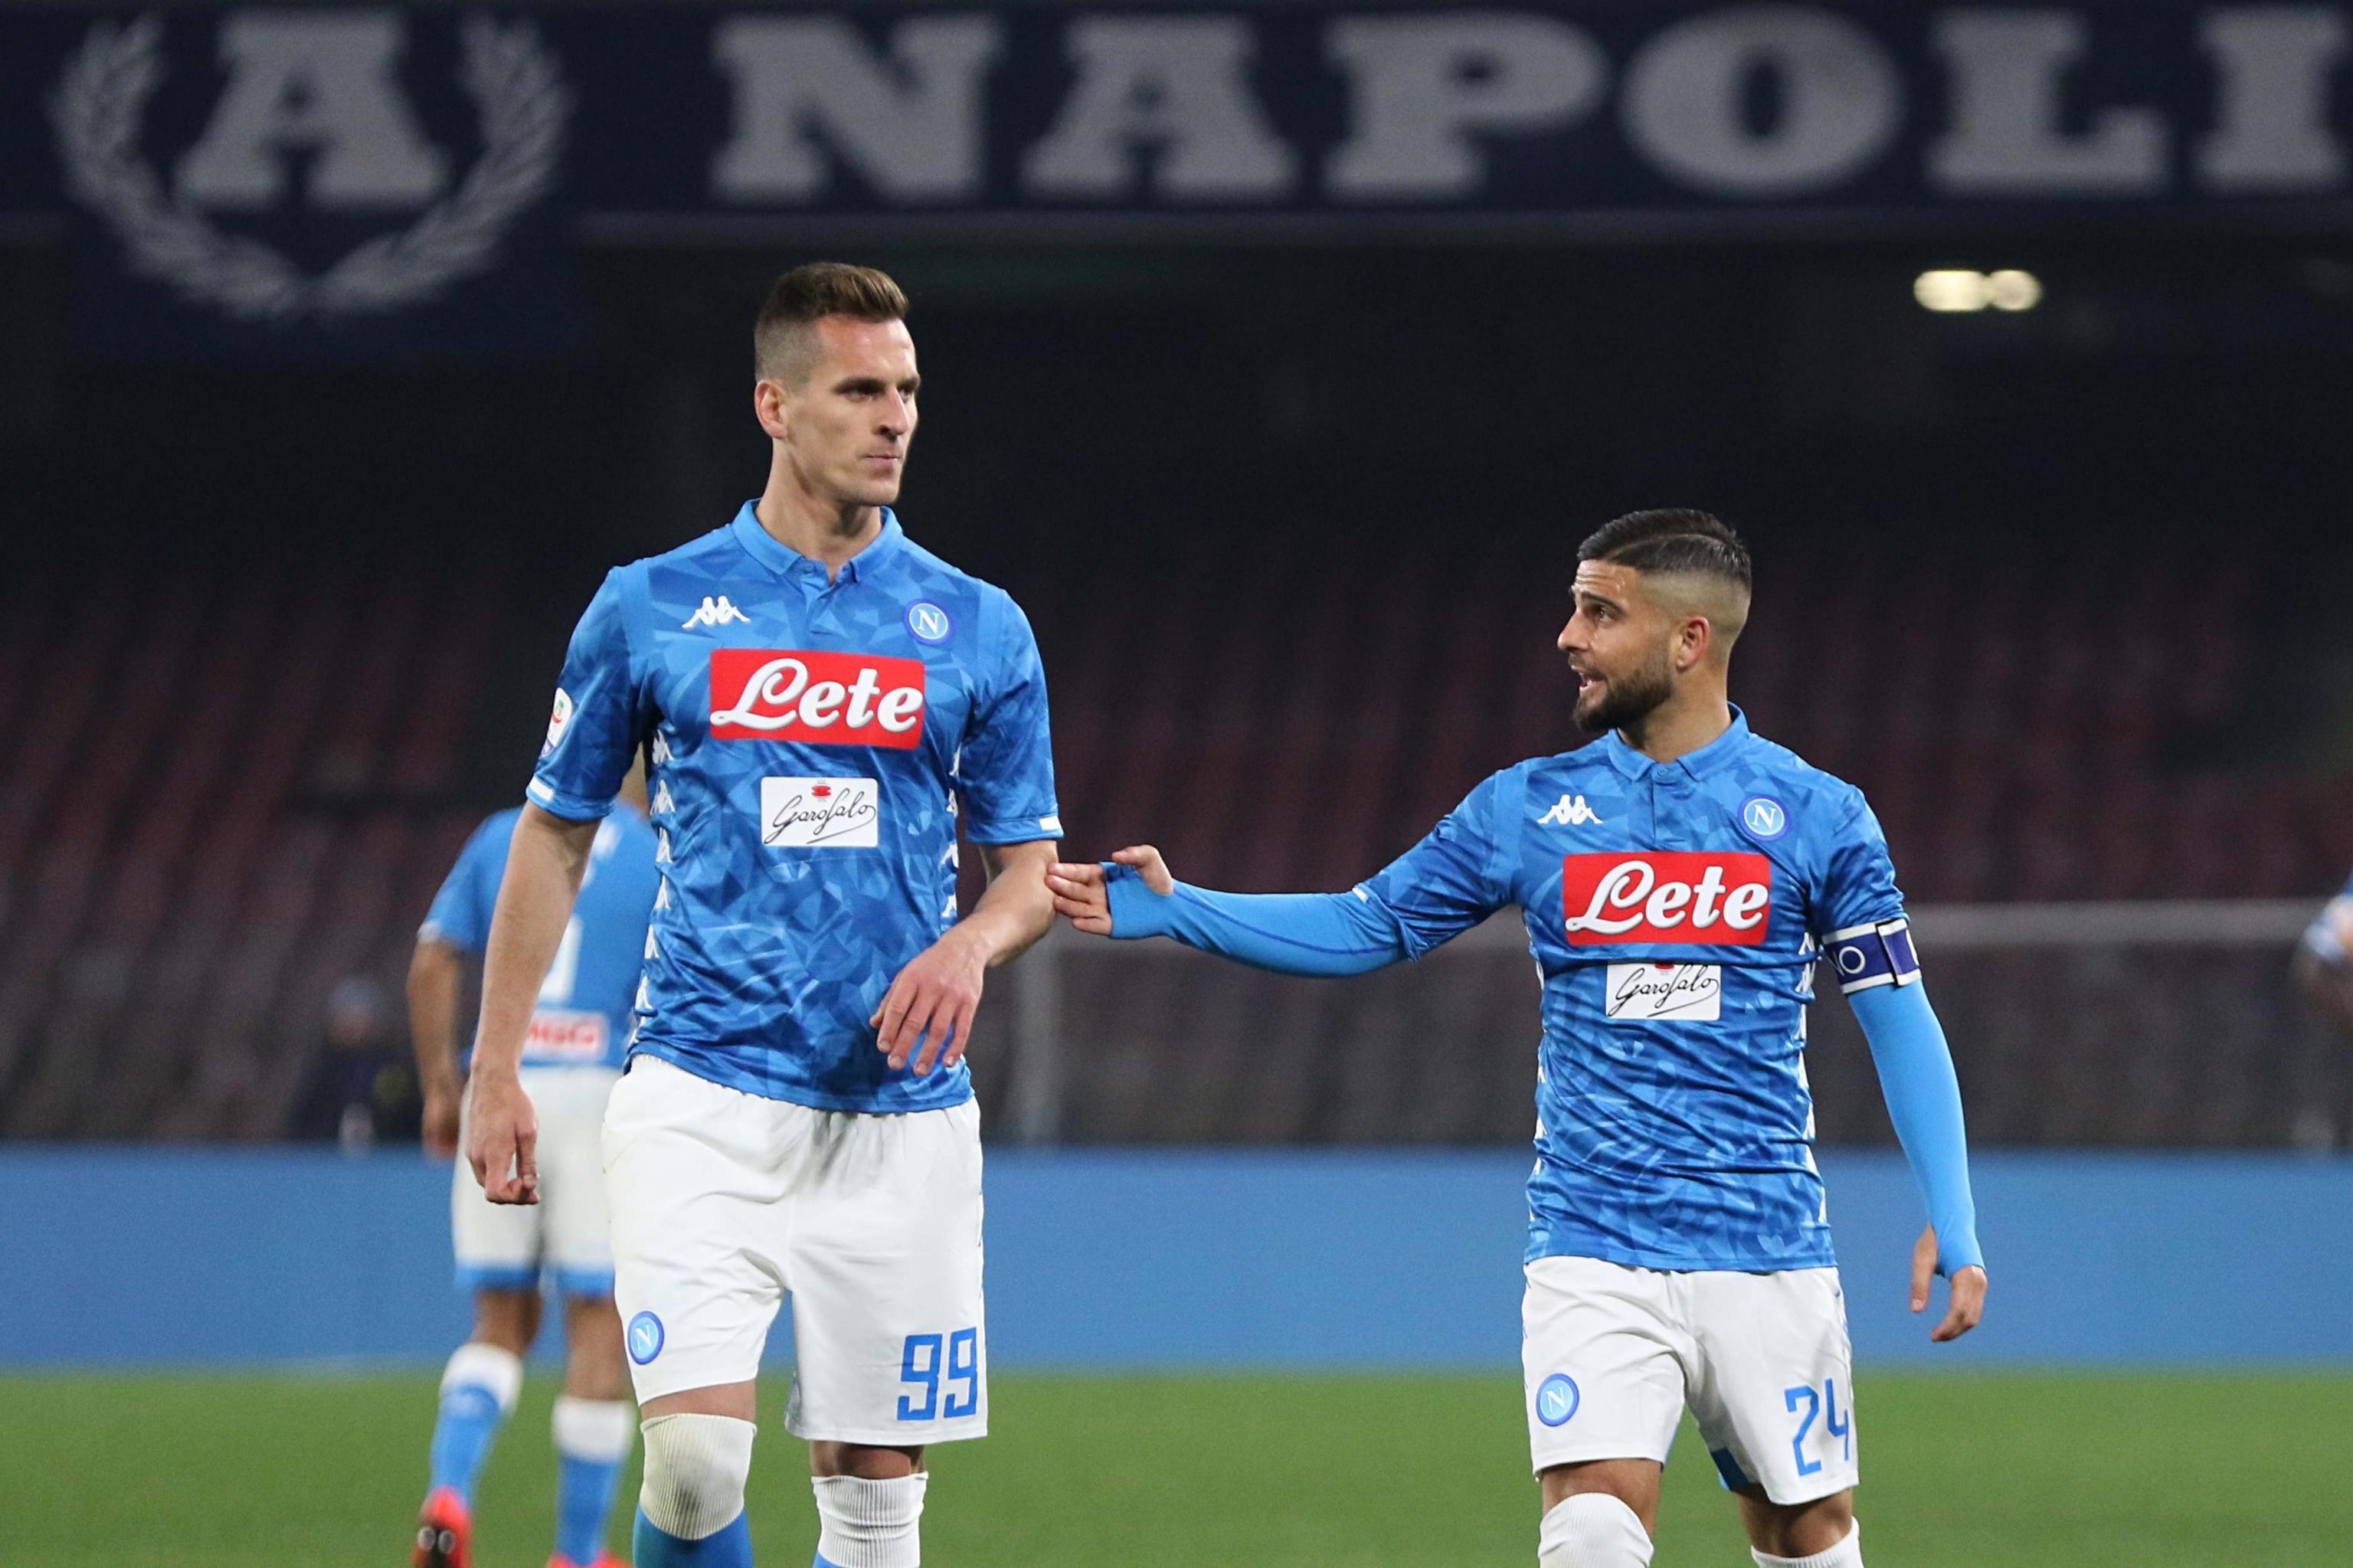 Nápoles empata e já está a 13 pontos da líder Juventus